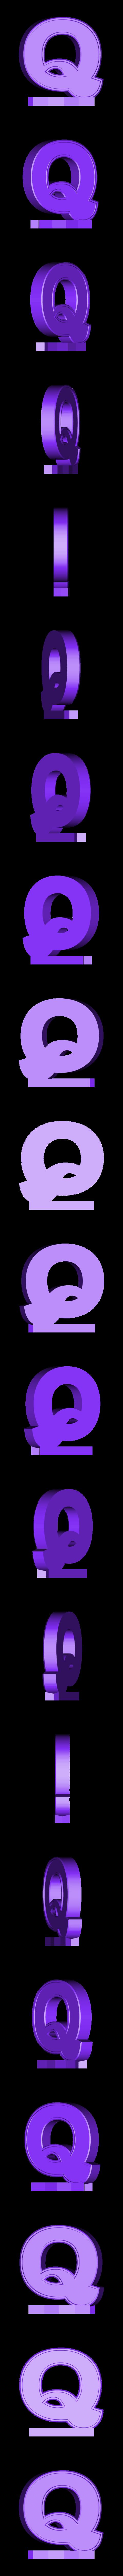 Stocking_hangers_Q.stl Télécharger fichier STL gratuit Cintres de bas de parapet • Objet pour imprimante 3D, tone001